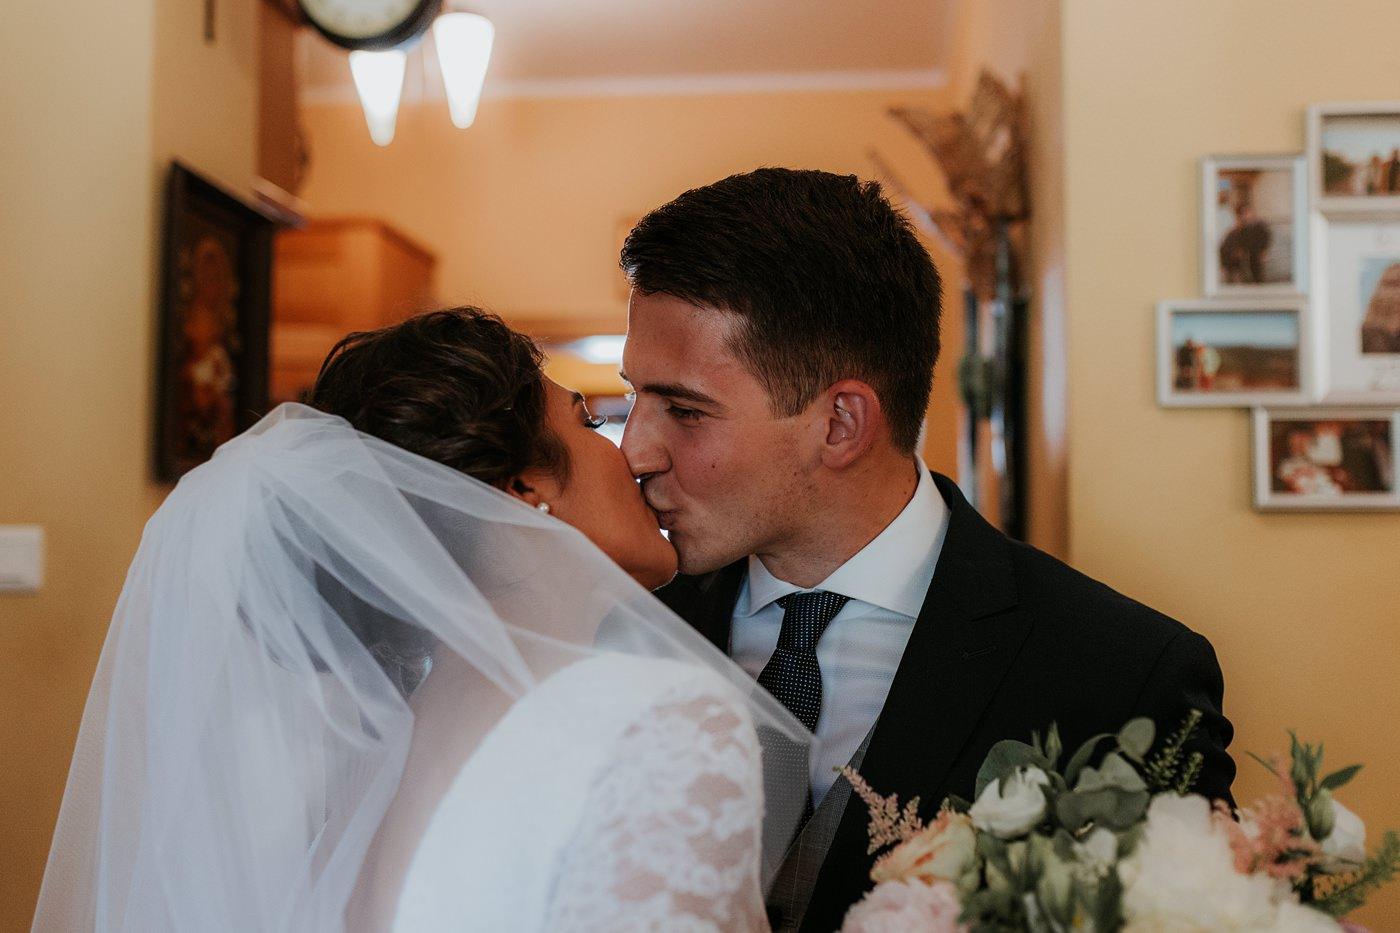 Dominika & Aleksander - Rustykalne wesele w stodole - Baborówko 22